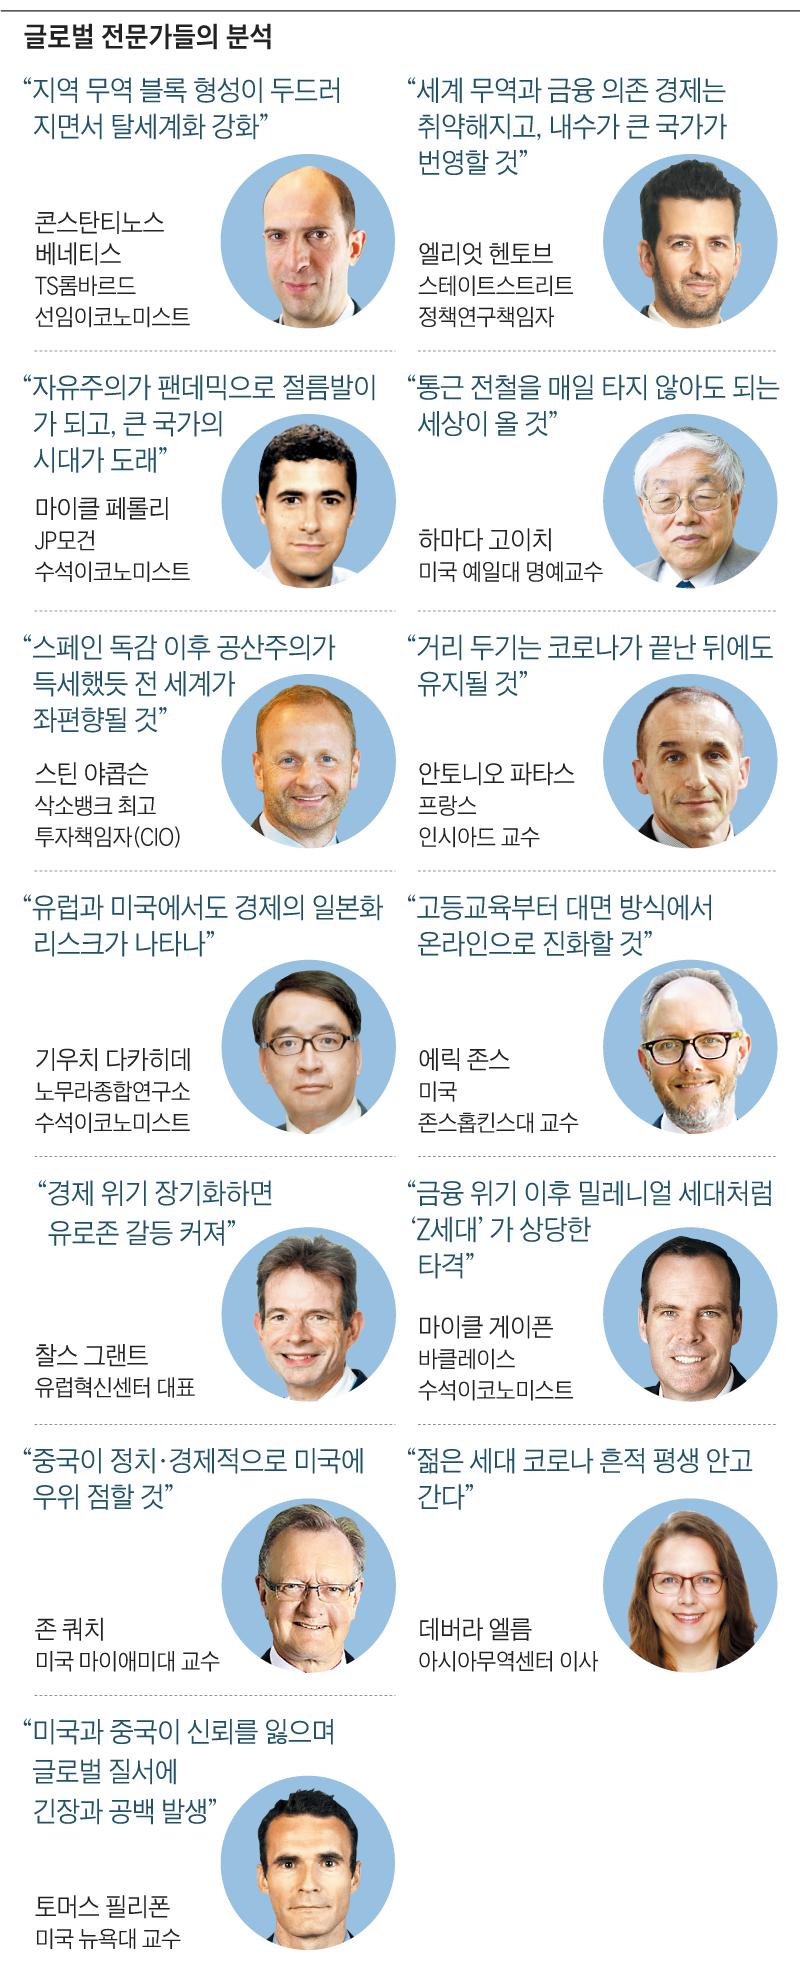 글로벌 전문가들의 분석